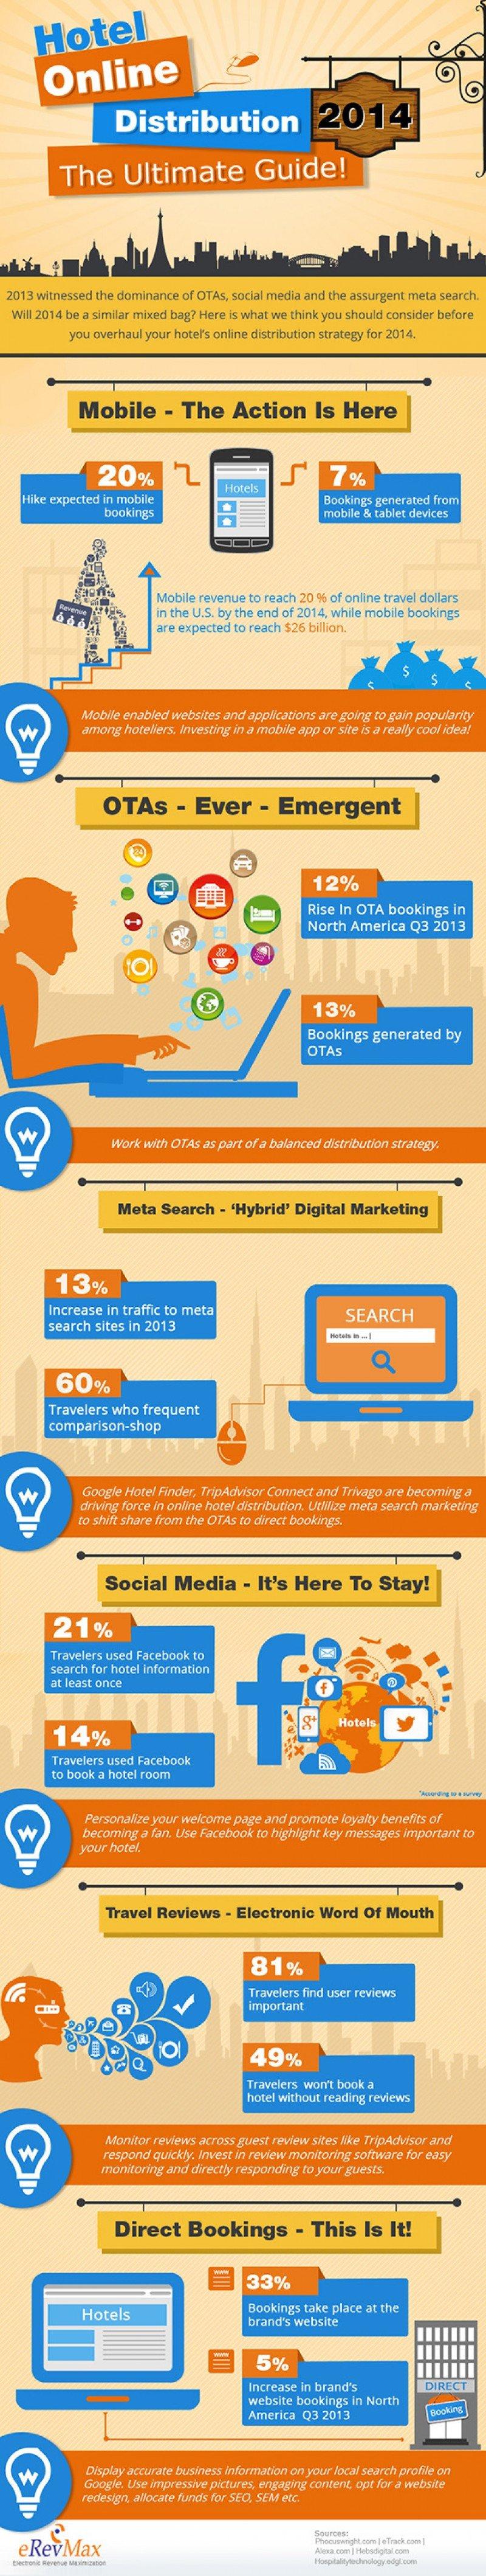 Infografía de eRevMax sobre la distribución hotelera online en 2014.